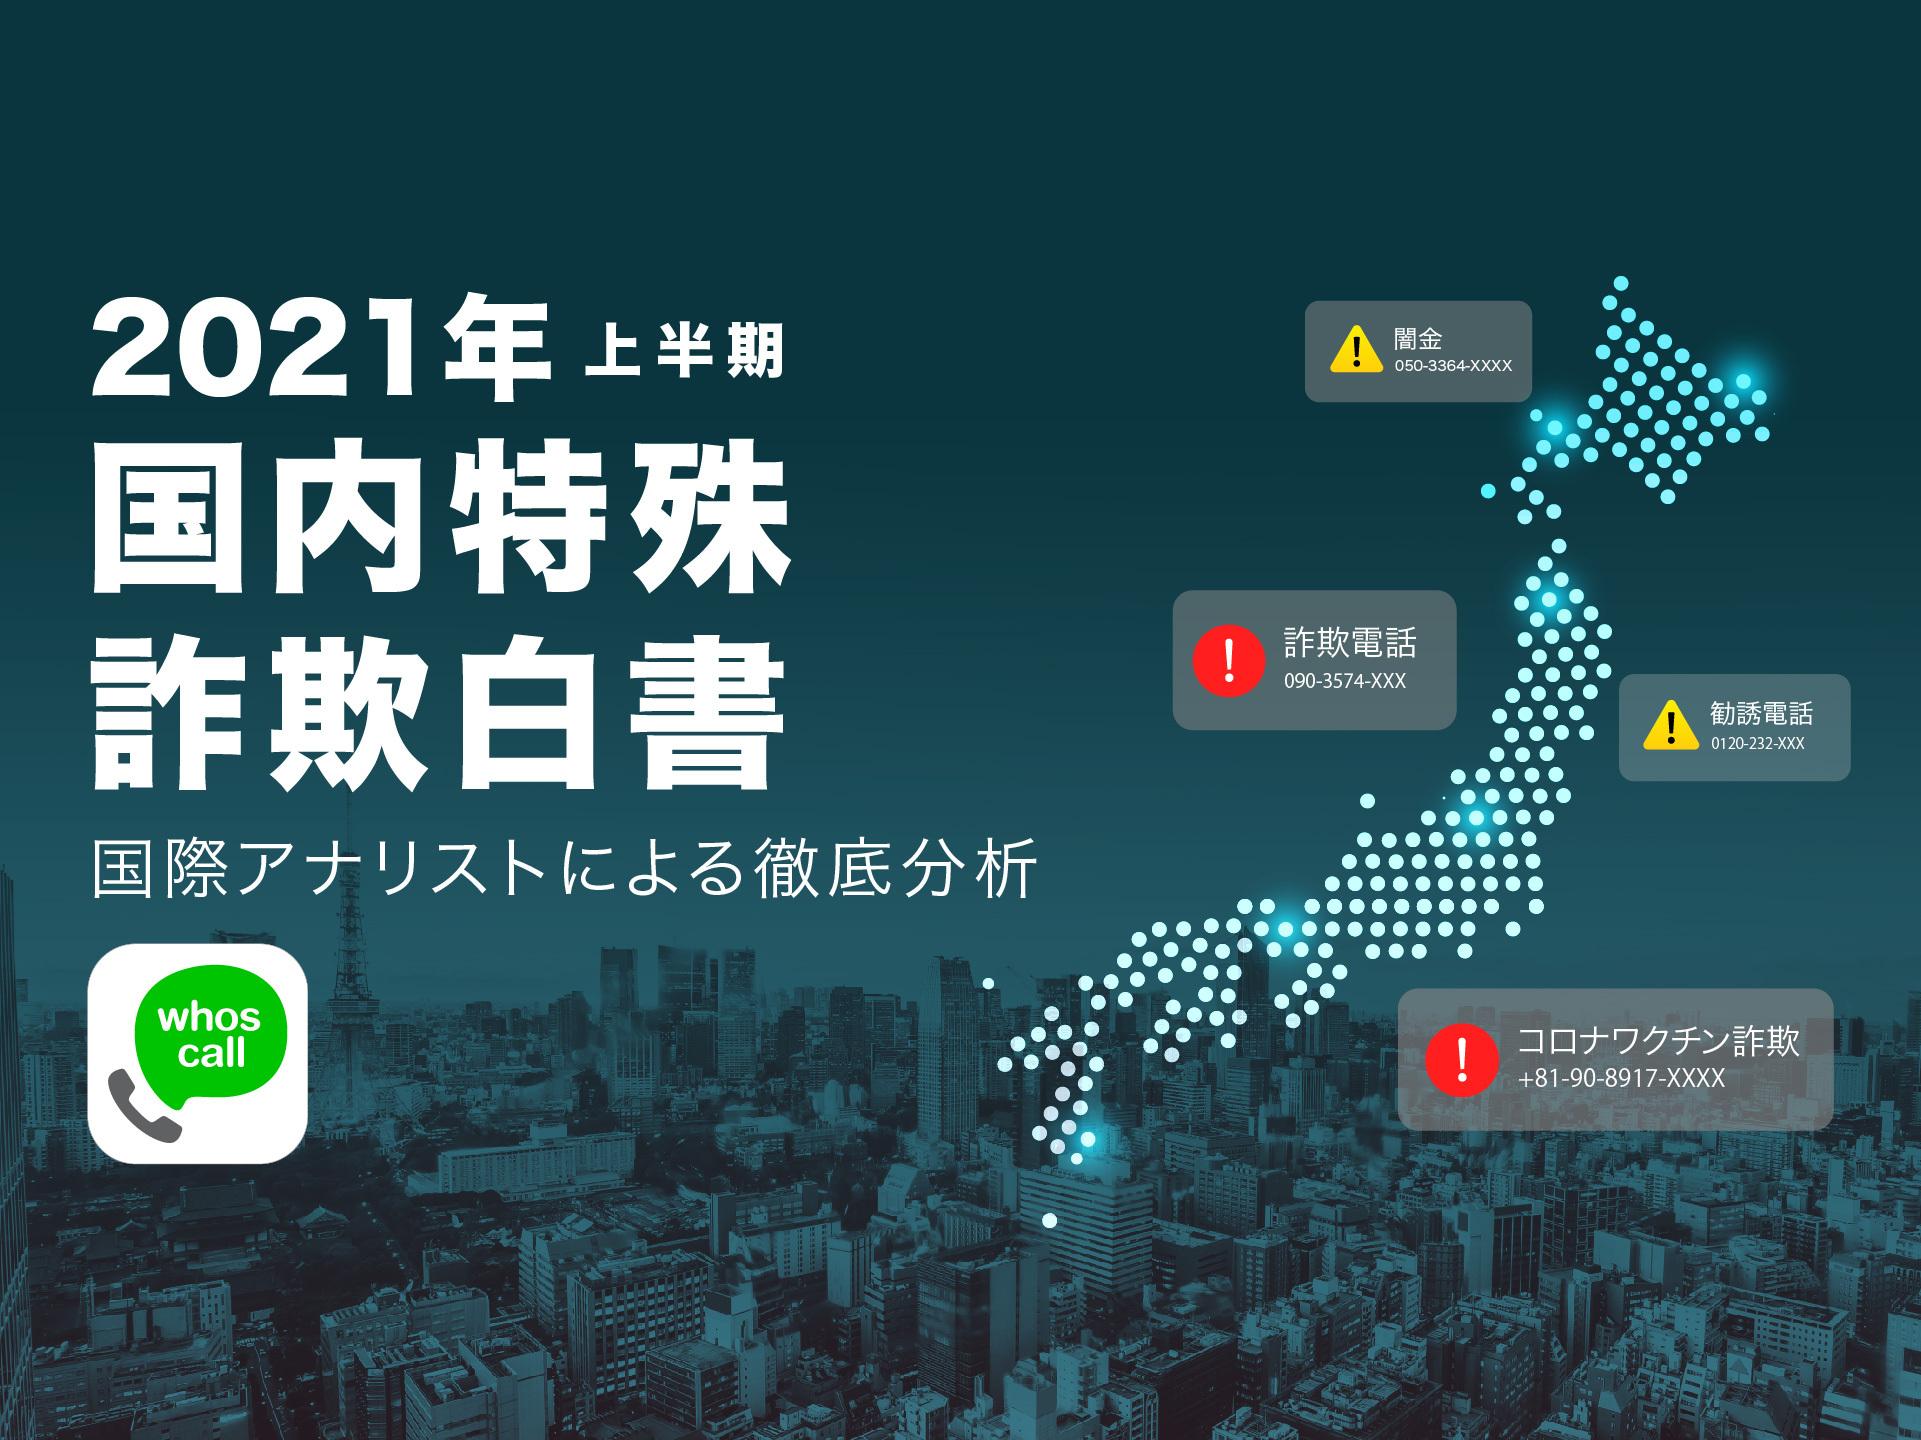 台湾発迷惑電話対策アプリ「Whoscall」が公開! 「2021年上半期 Whoscall日本特殊詐欺白書」